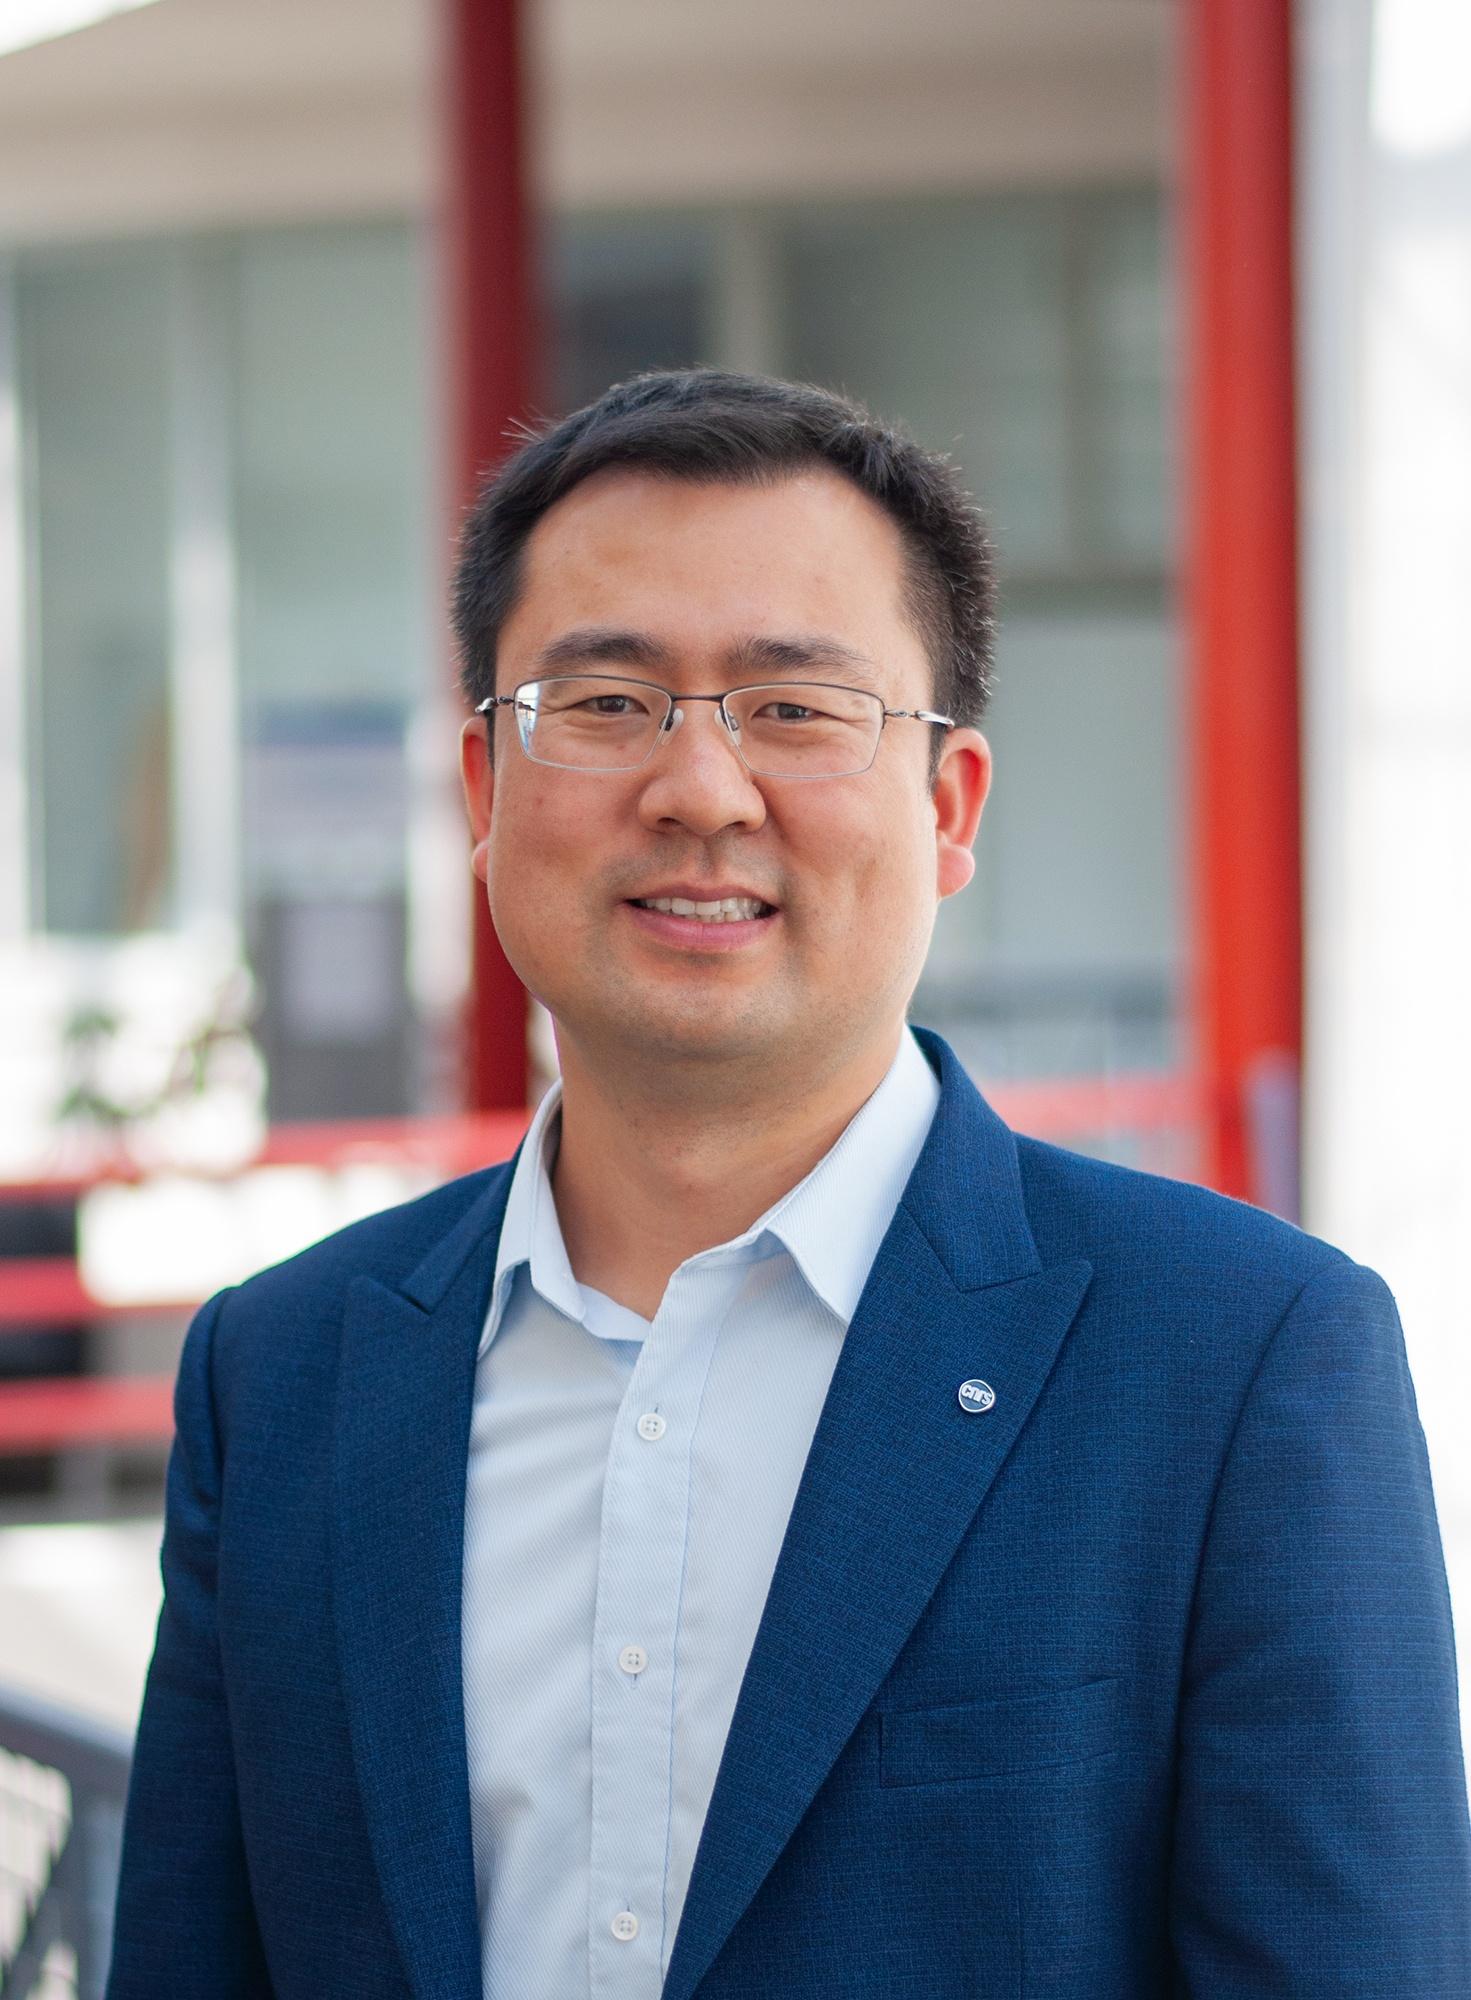 Yicha Zhang, maître de conférences à l'université de technologie de Belfort-Montbéliard (UTBM) .